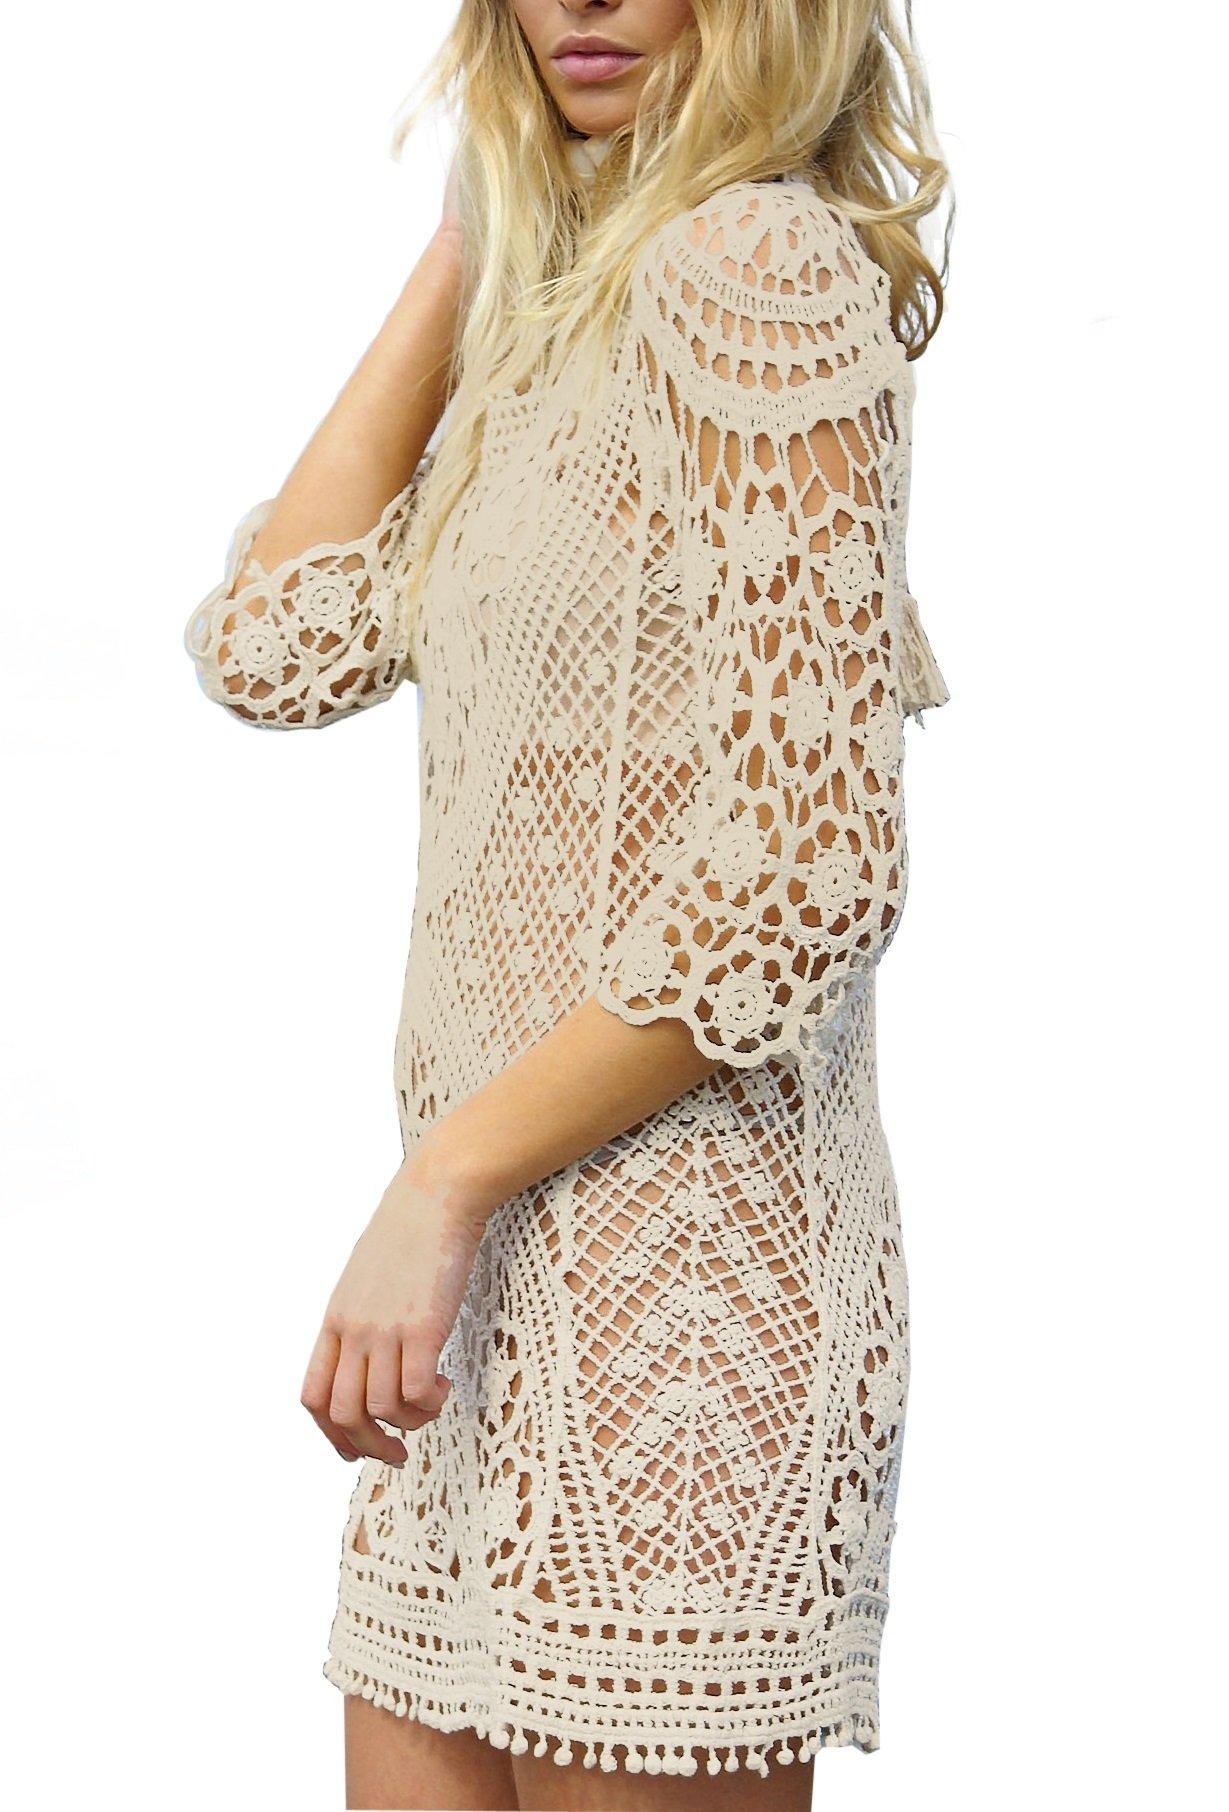 9aee5964c0d3 Get Quotations · Women s Bathing Suit Cover Up Crochet Lace Bikini Swimsuit  Dress